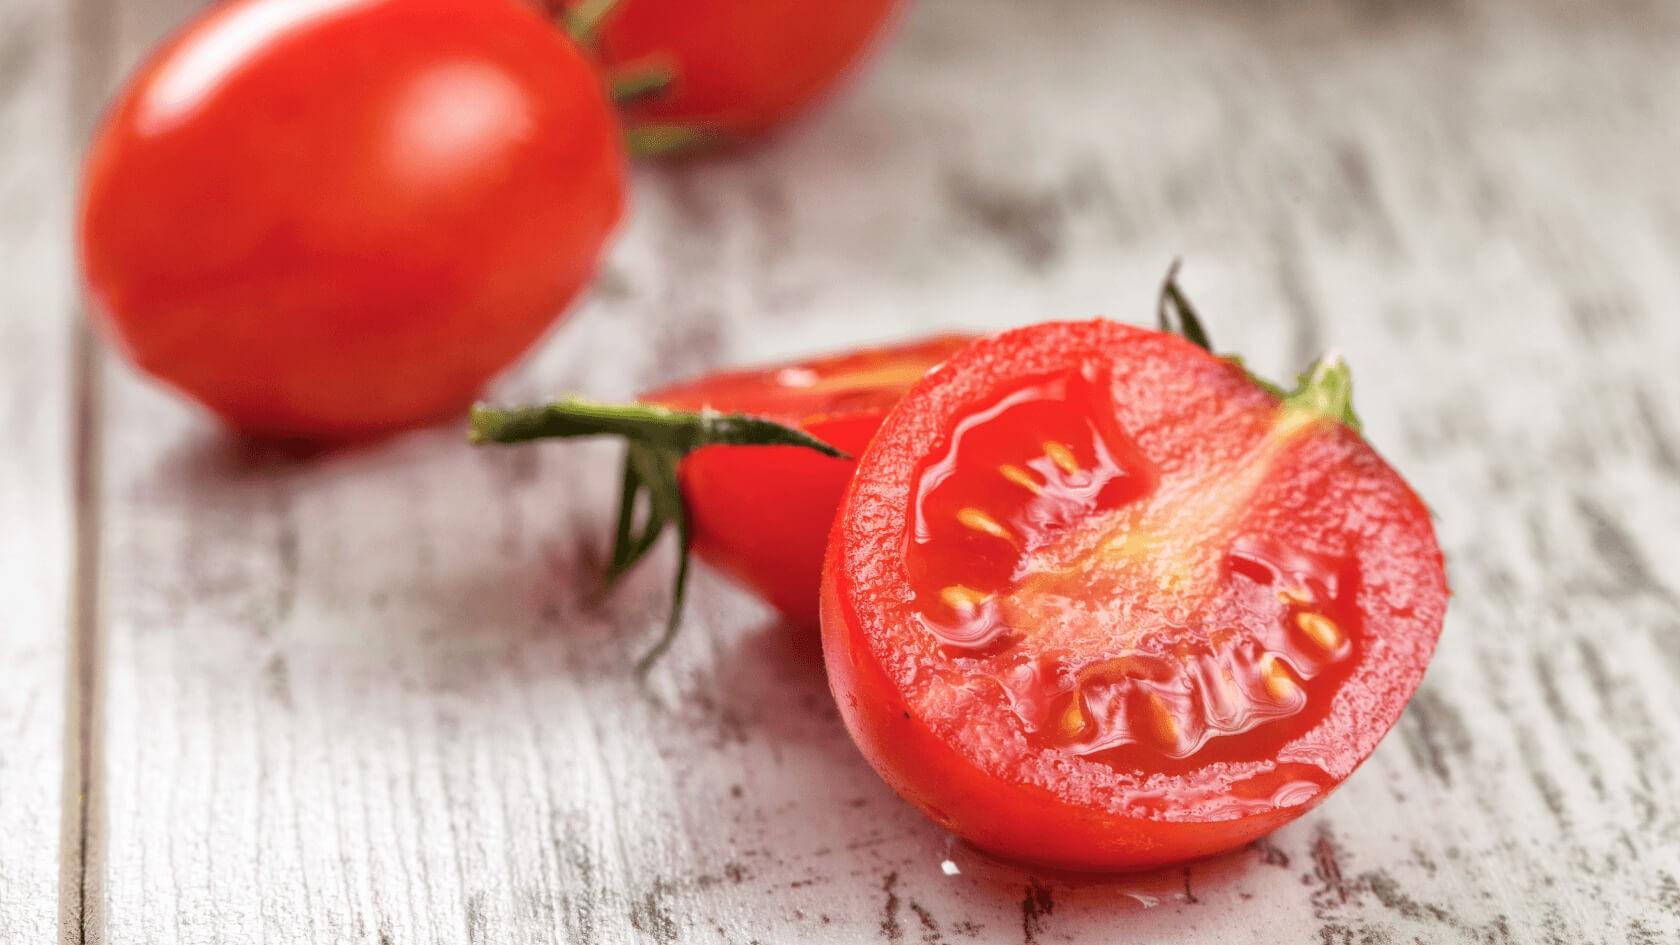 Eine halbierte Tomate auf dem Tisch.